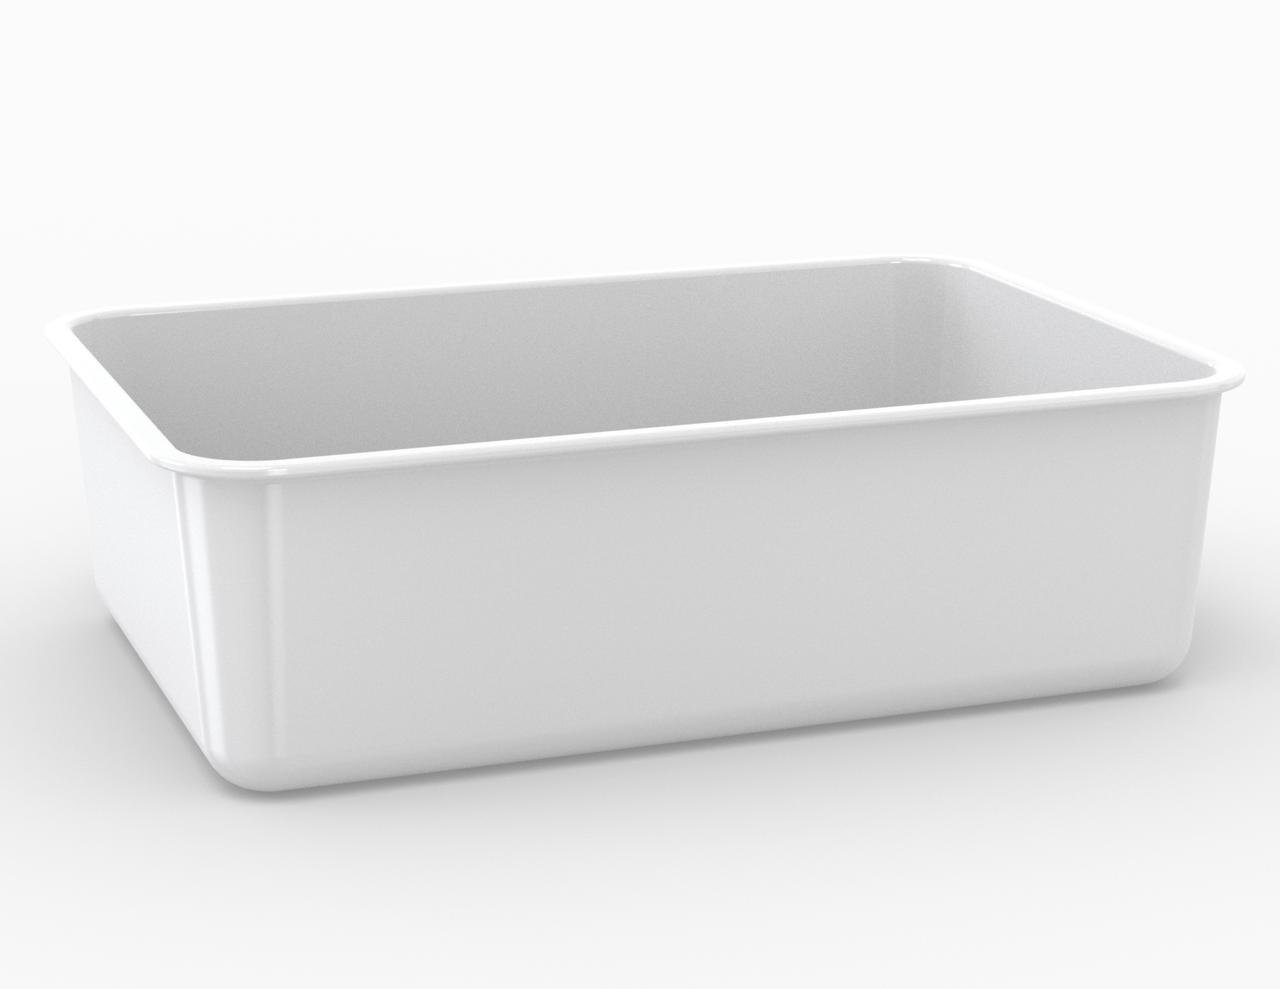 Moule rectangulaire blanc 7500 cm3